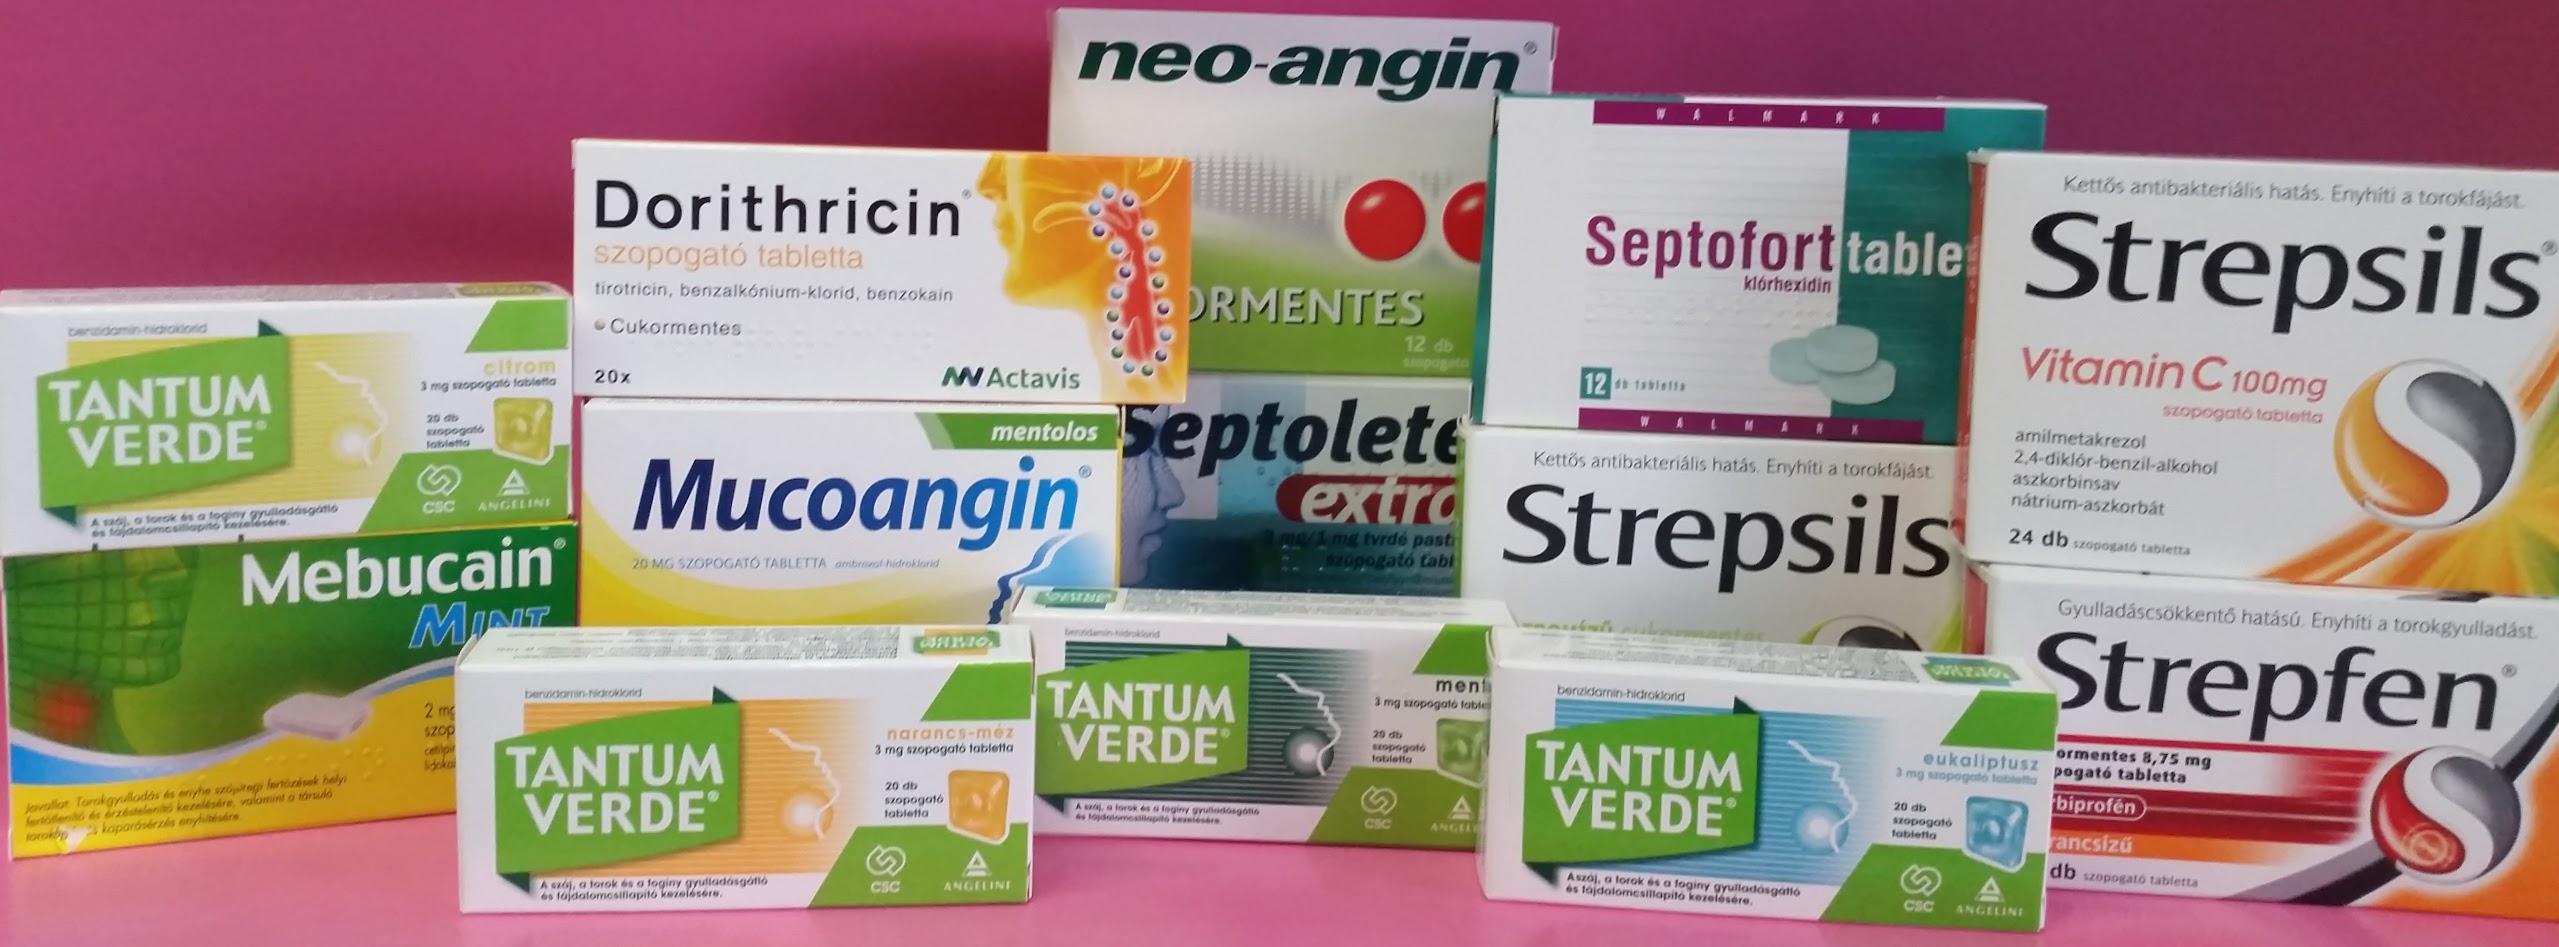 Török gyógyszerek pikkelysömörhöz fej psoriasis testkezels